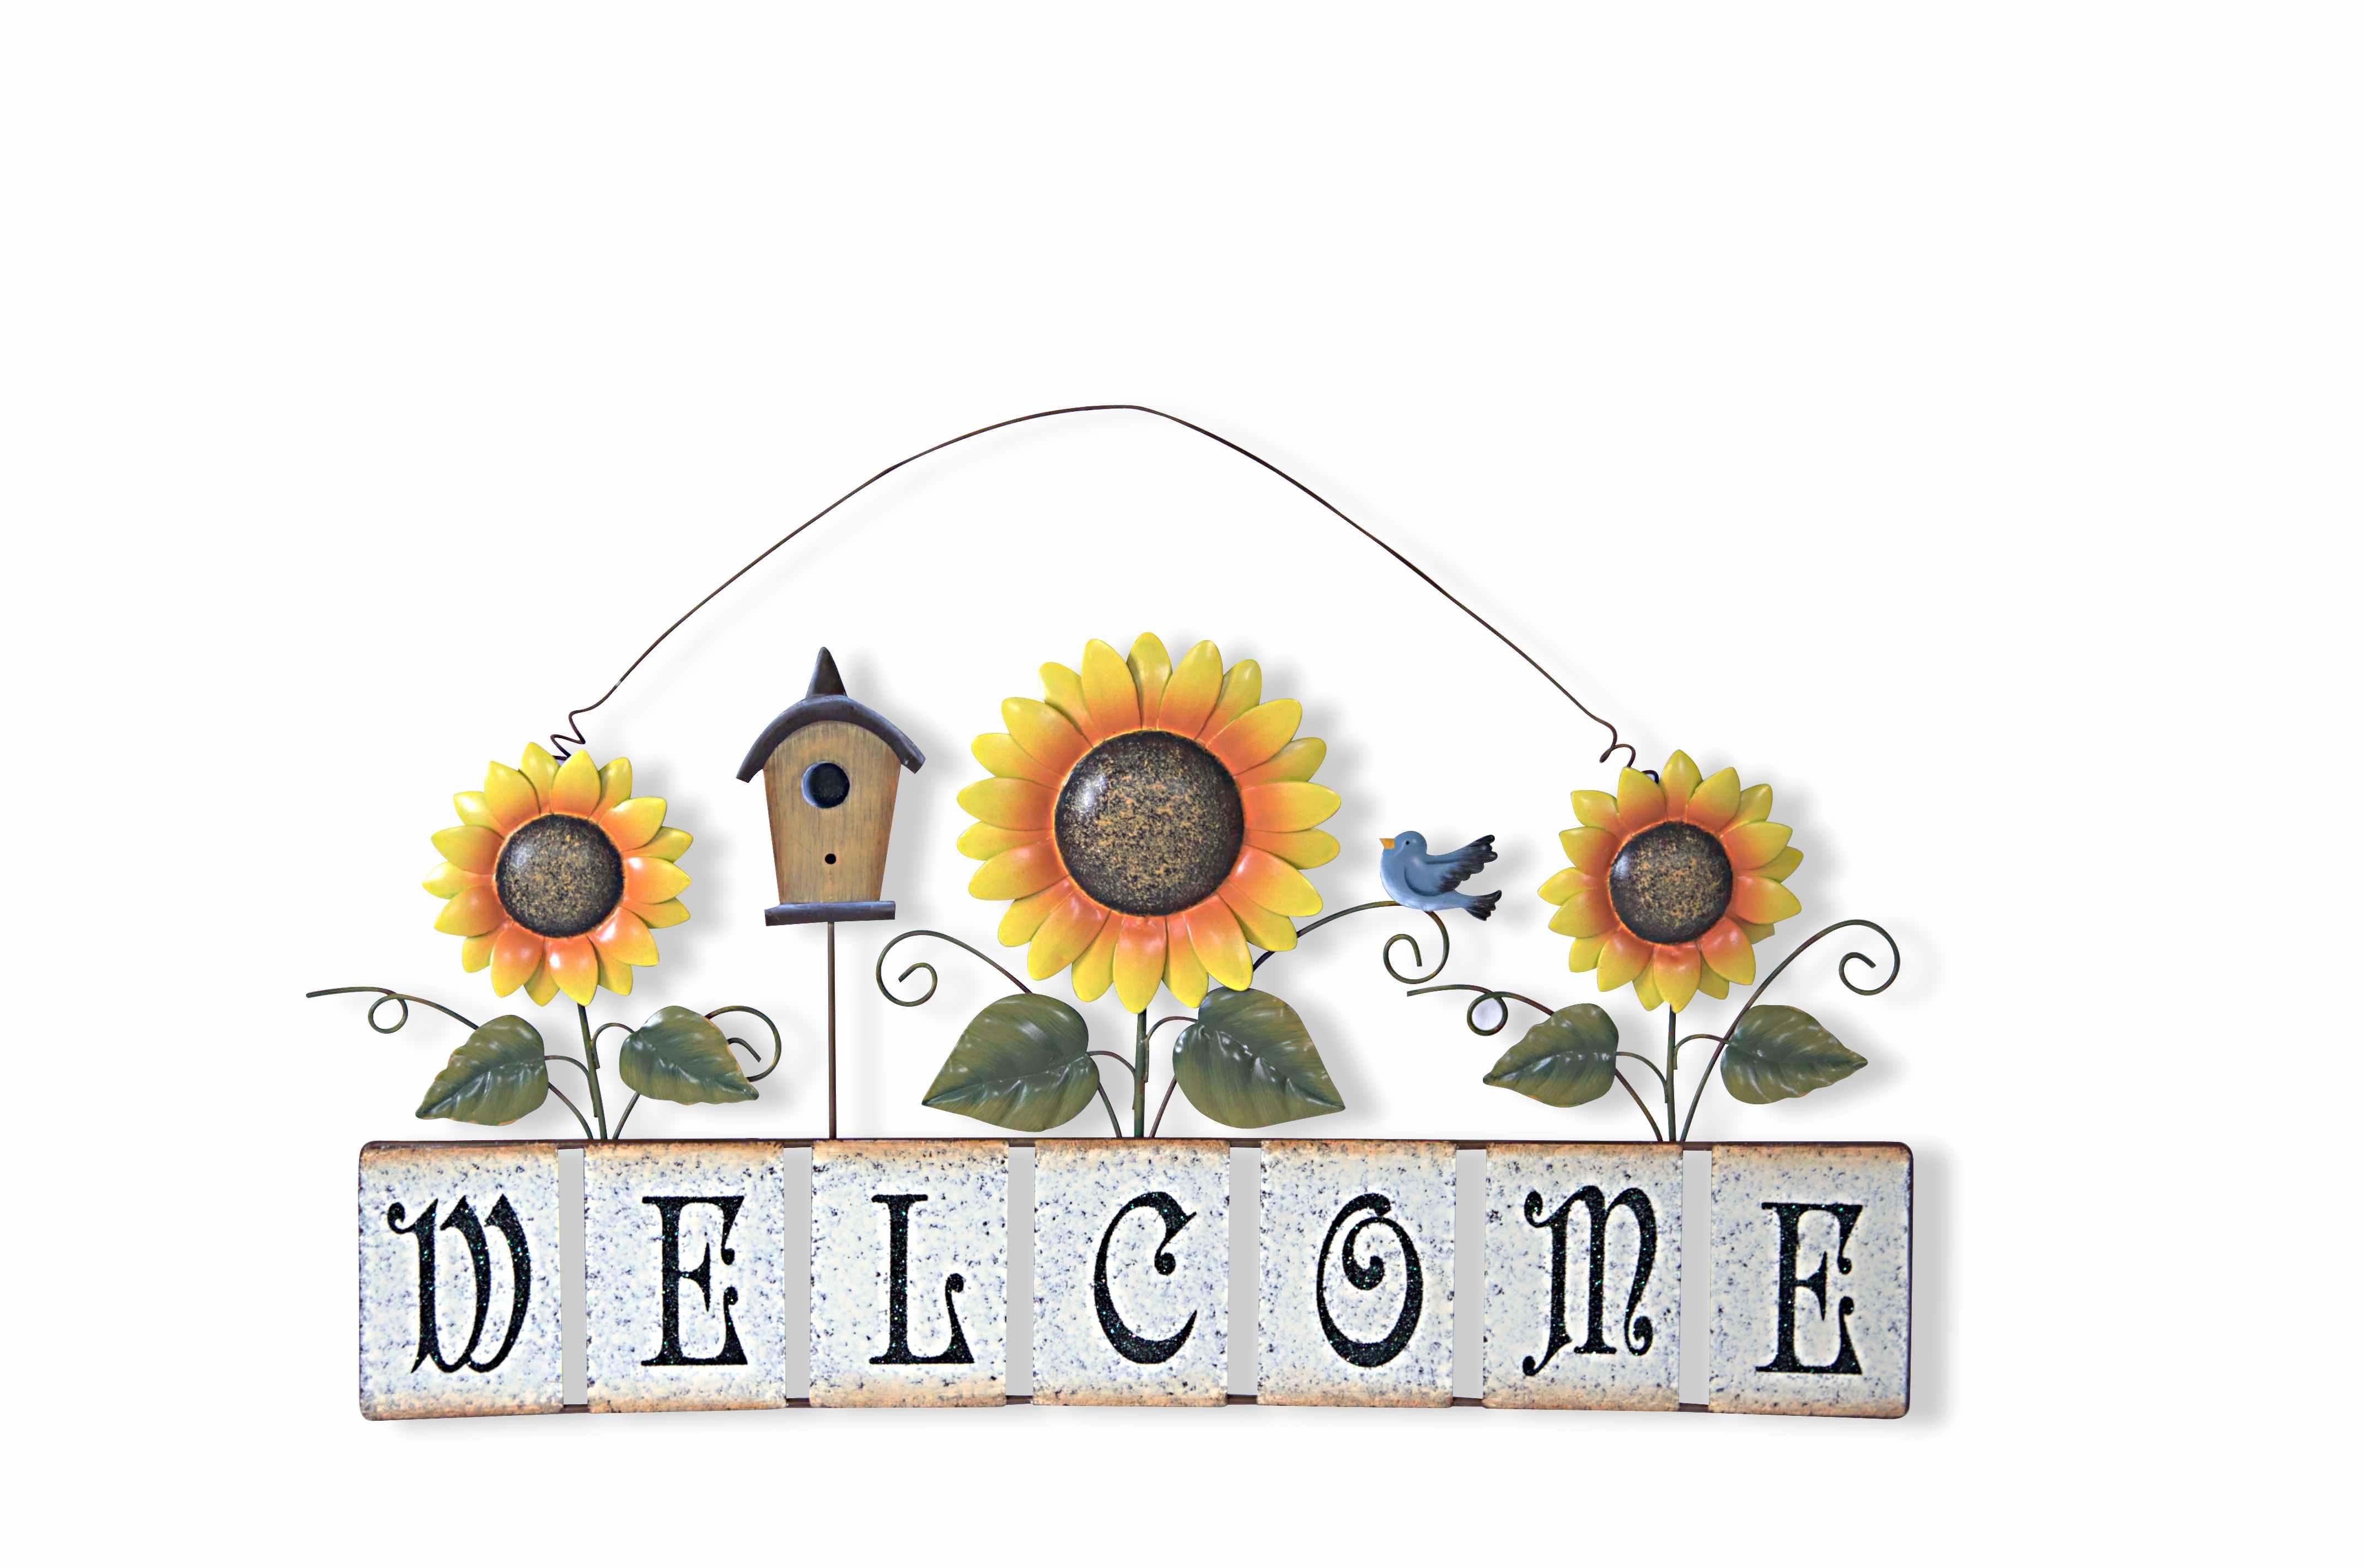 annie design sunflower wel e sign online store